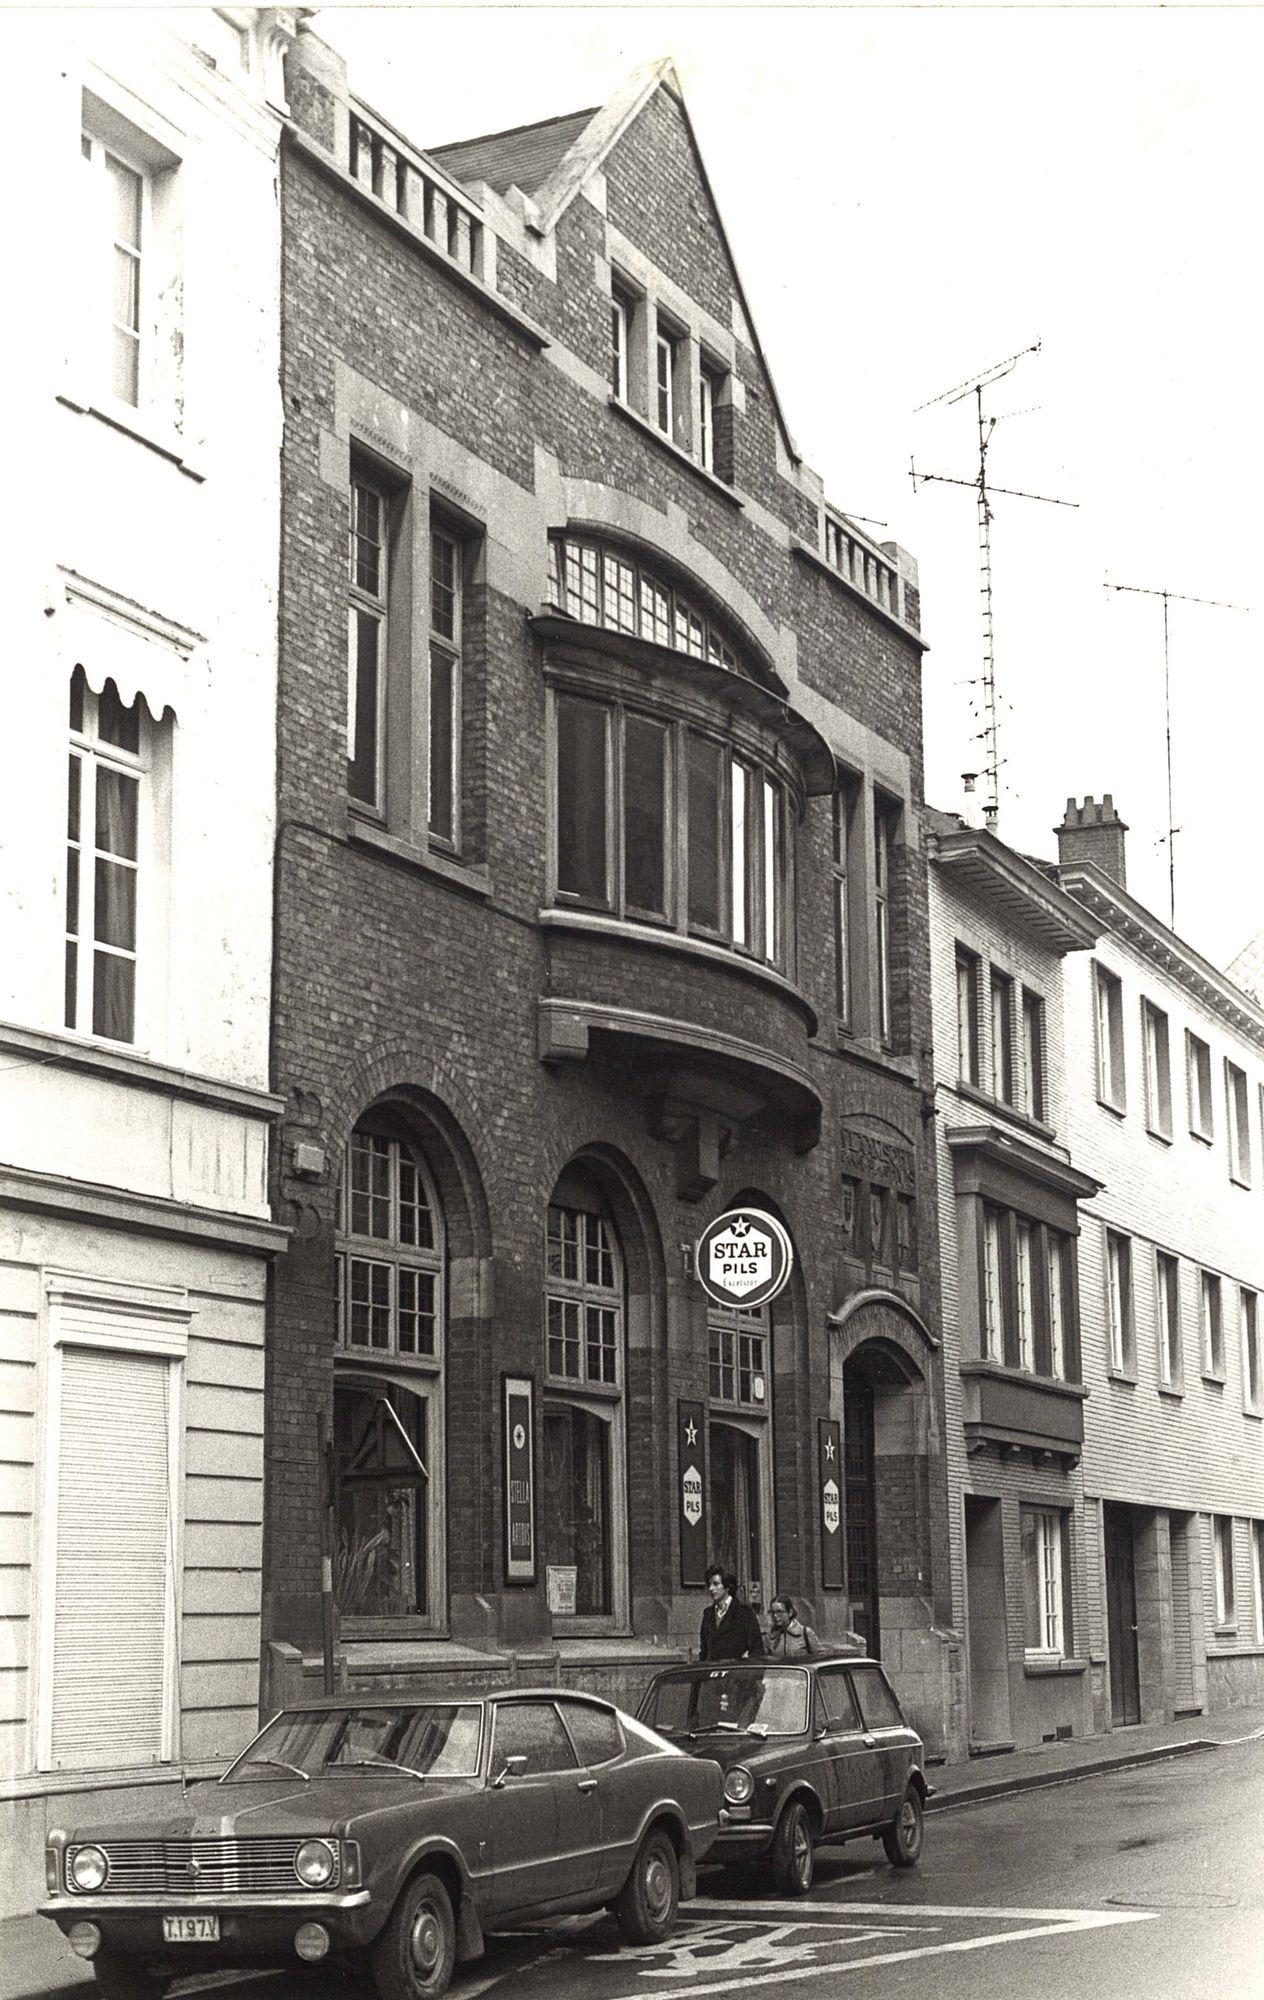 Groeningestraat 19